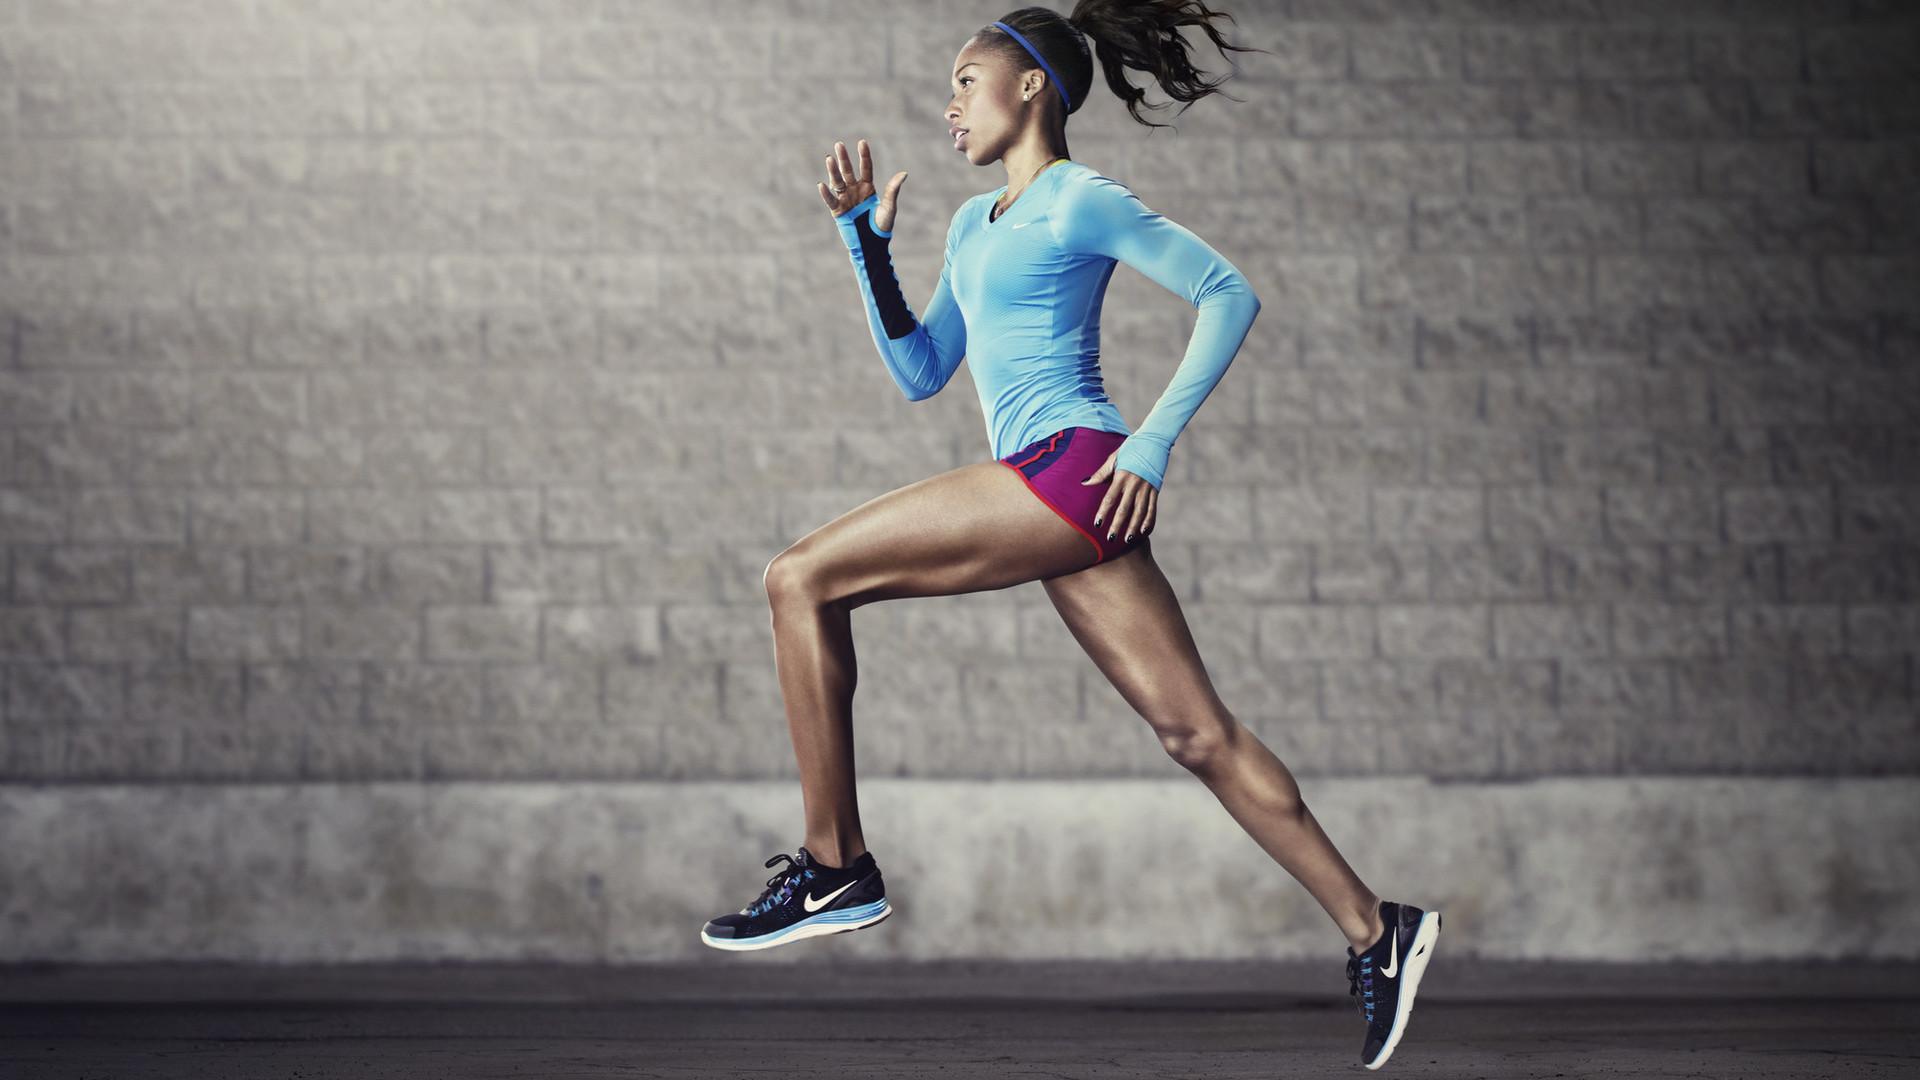 Caminhar ou correr? Qual é o melhor exercício para emagrecer?